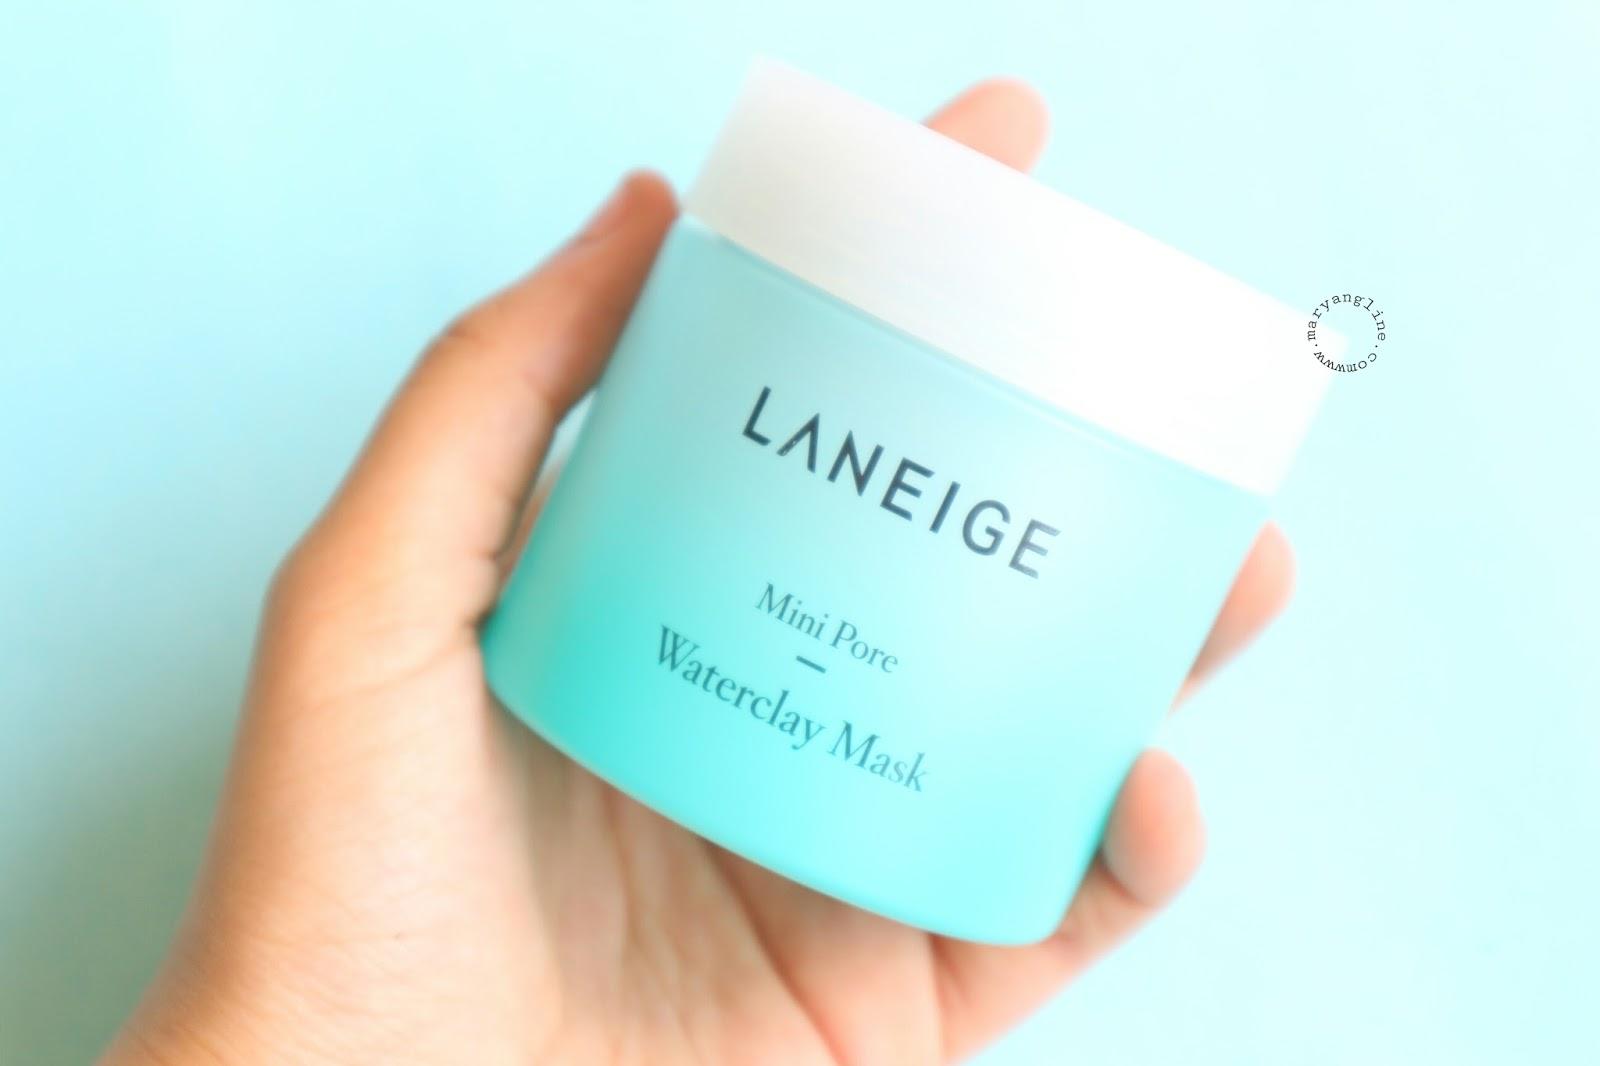 Review Laneige Mini Pore Waterclay Mask Mary Angline Wateclay Di Bagian Belakang Terdapat Keterangan Benefit Skin Type Bla Dalam Bahasa Korea